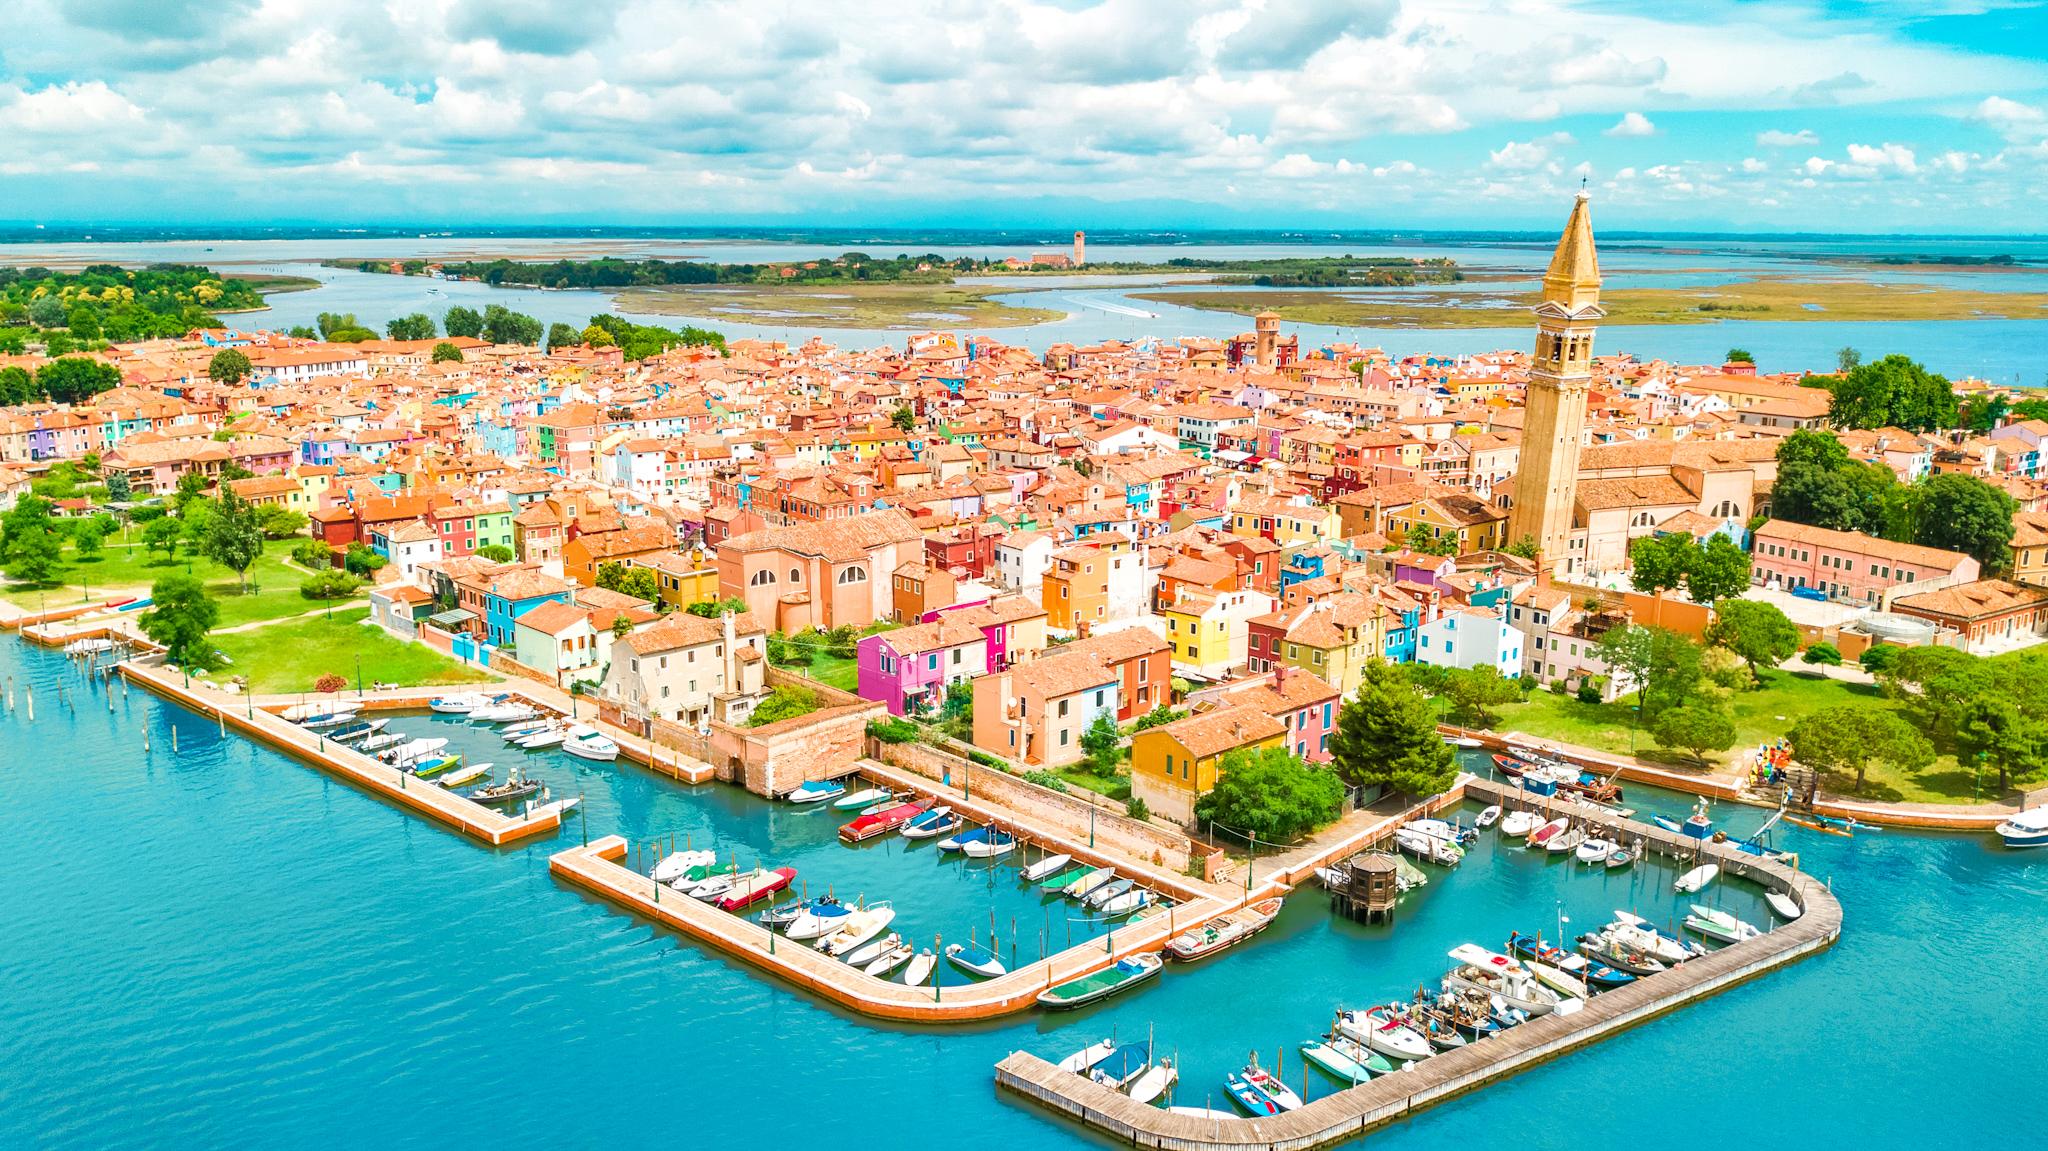 cosas que ver y hacer en venecia: vista aérea de la colorida isla de Burano